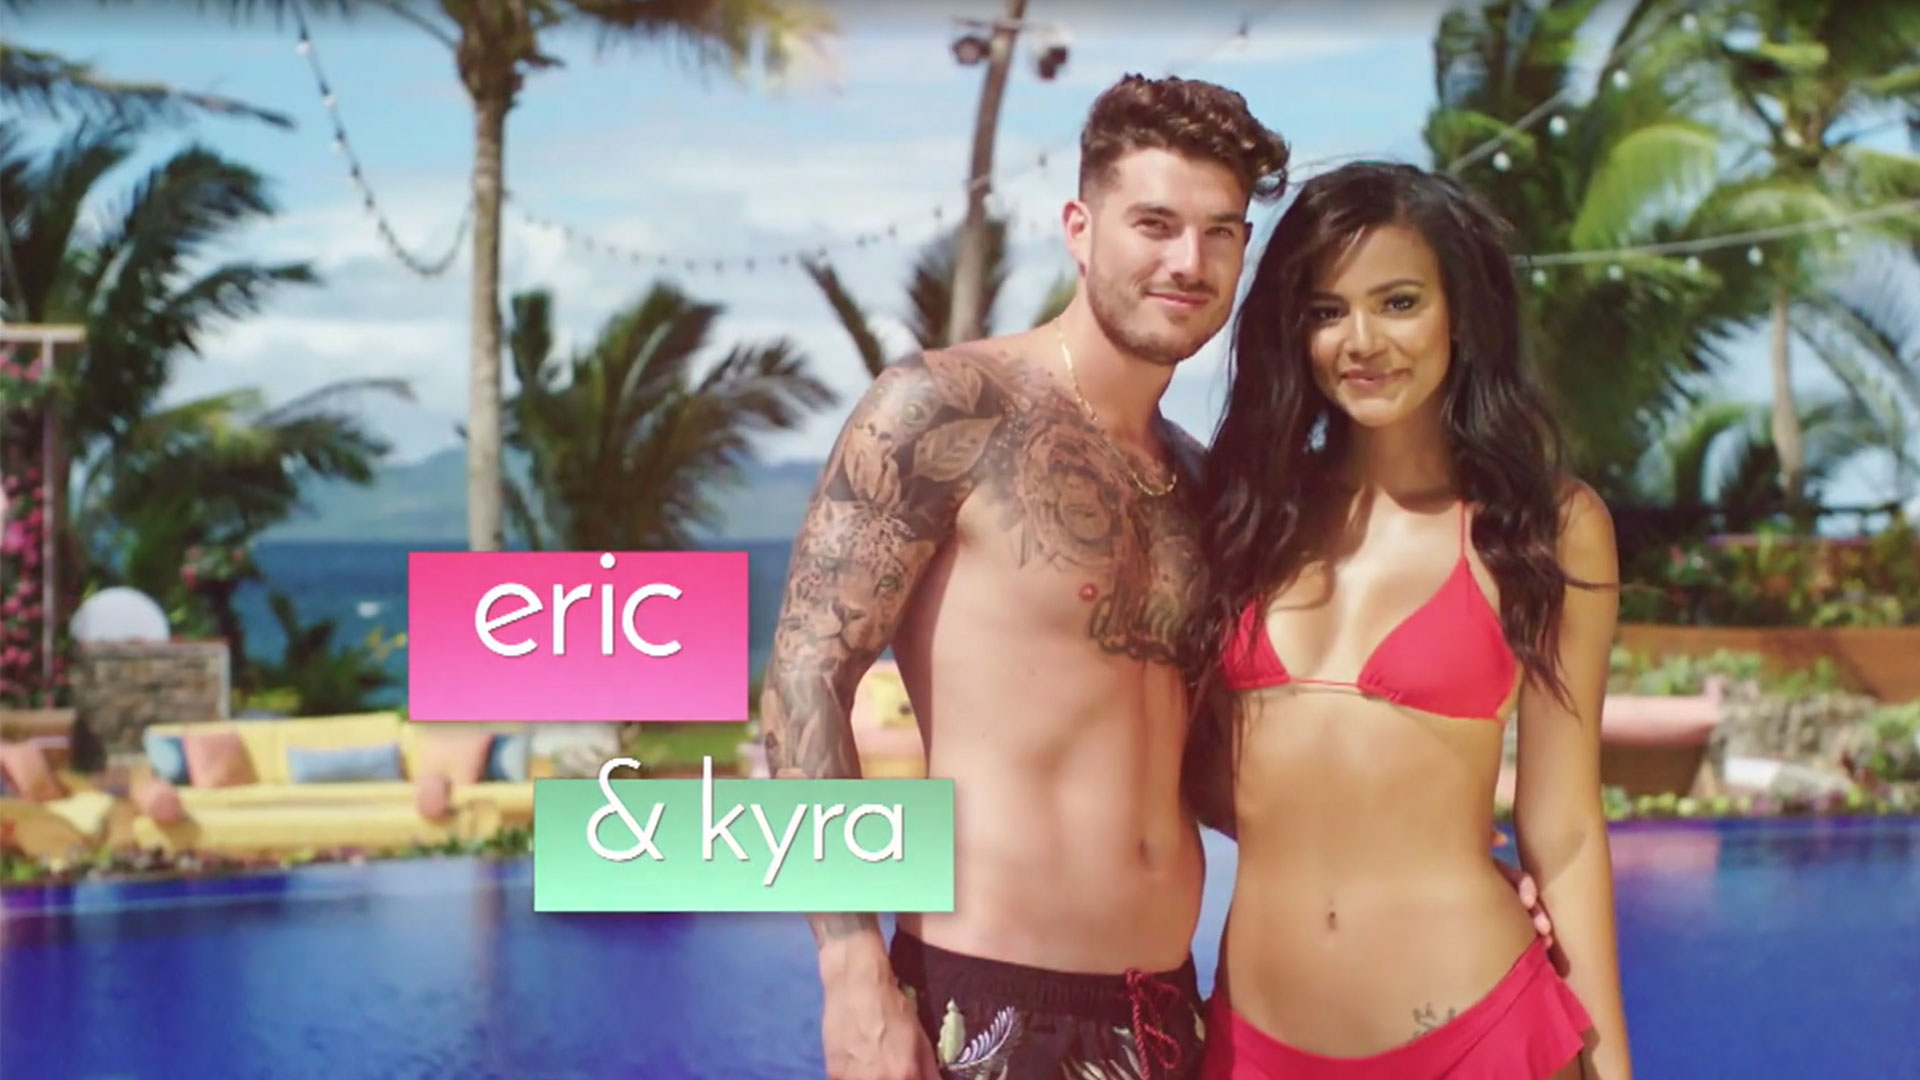 Eric and Kyra